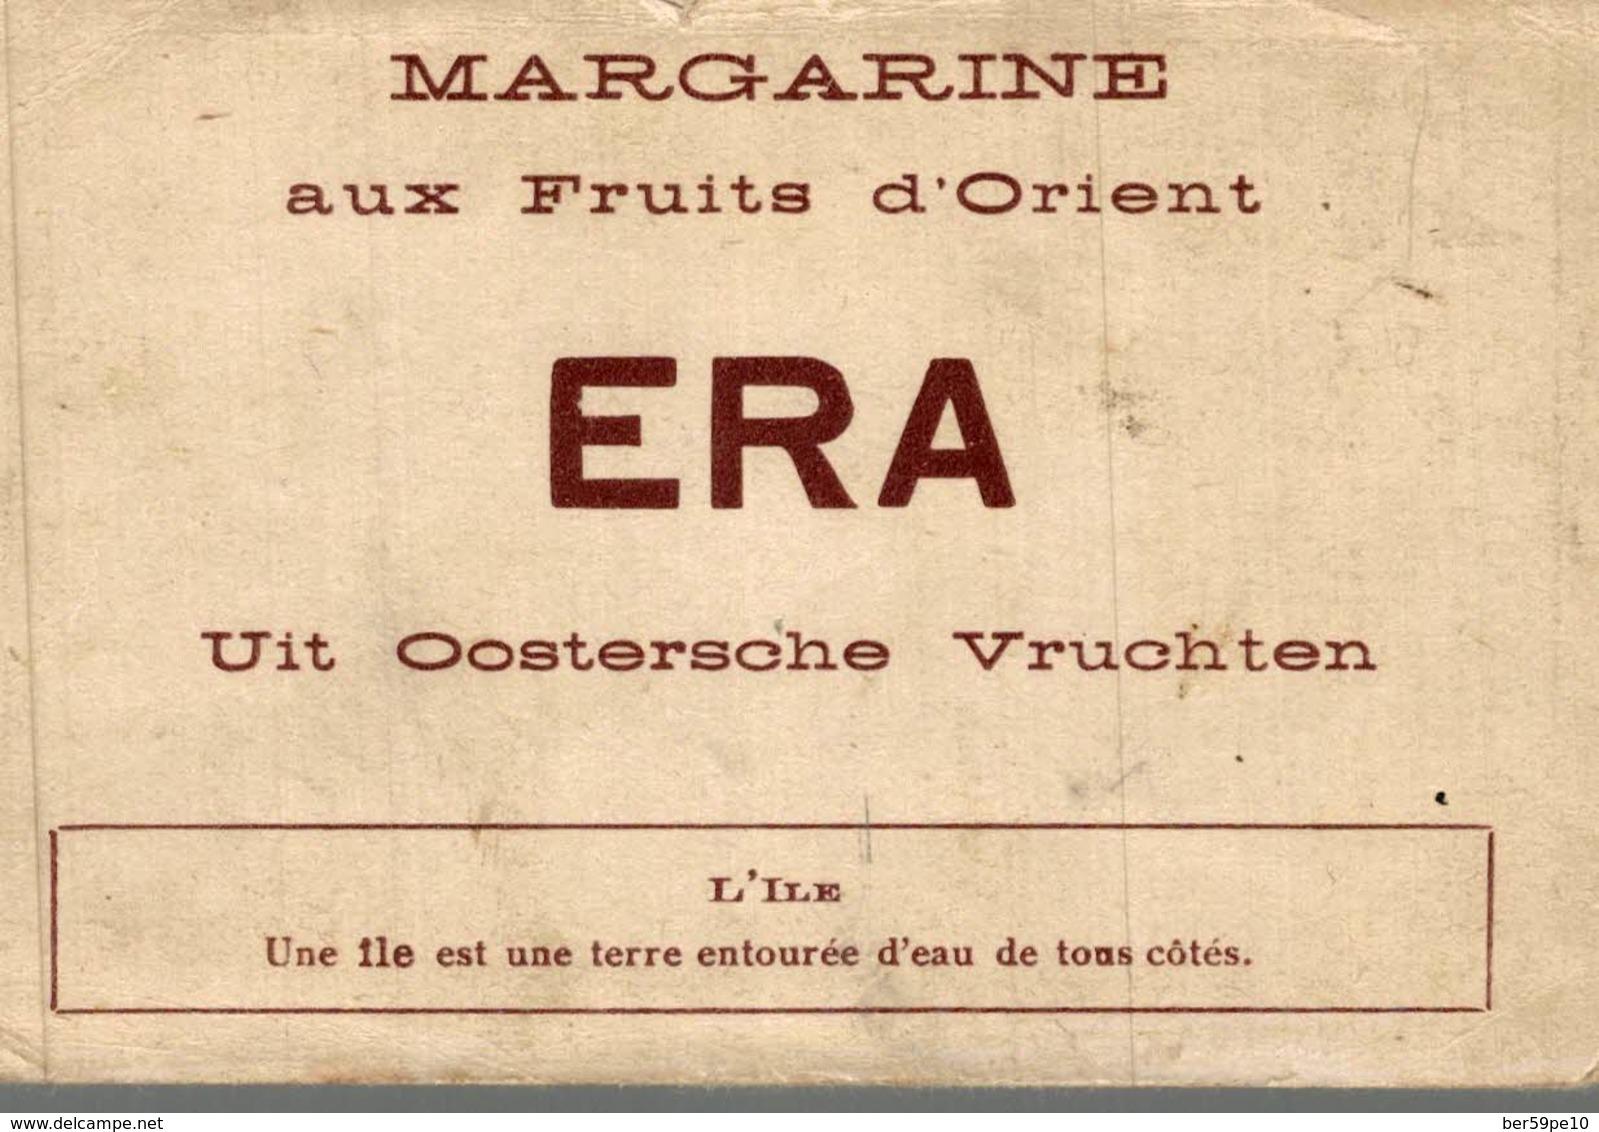 CHROMO MARGARINE AUX FRUITS D'ORIENT ERA   L'ILE UNE ILE EST UNE TERRE ENTOUREE D'EAU DE TOUS COTES - Cromos